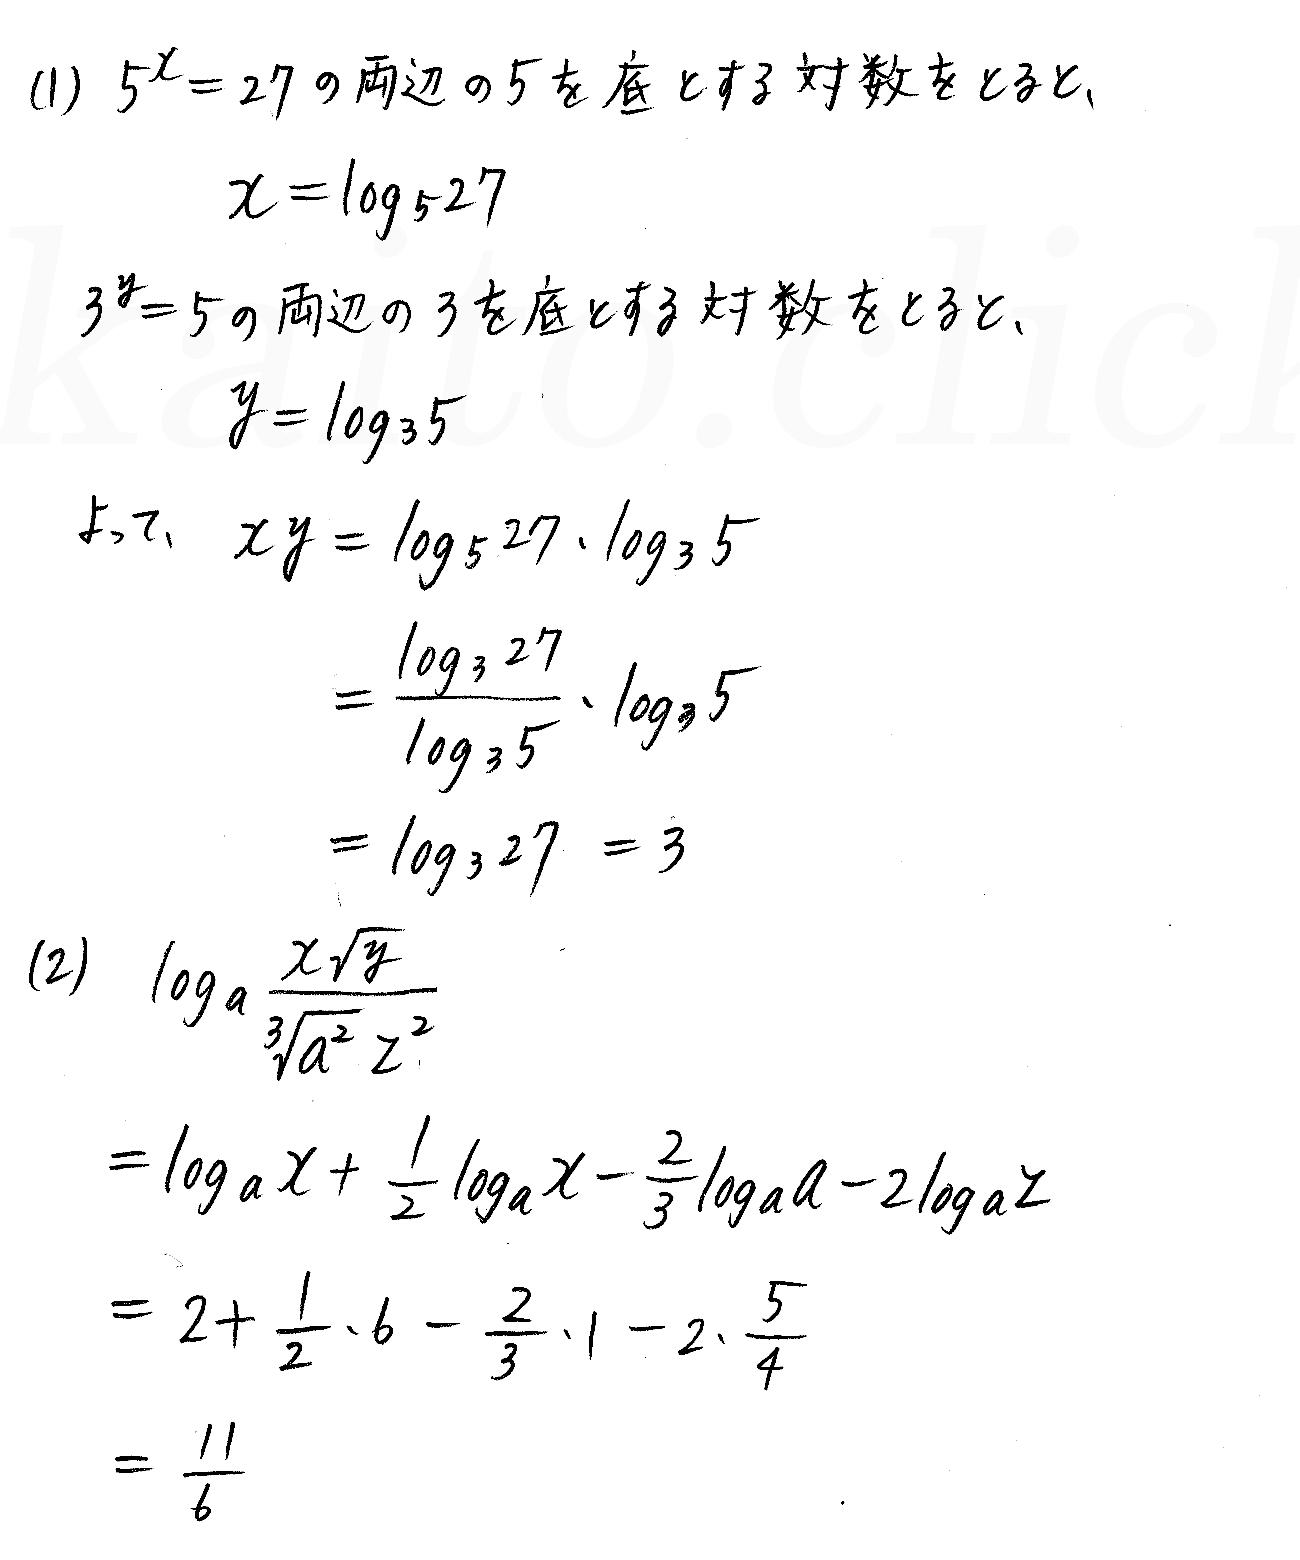 クリアー数学2-353解答